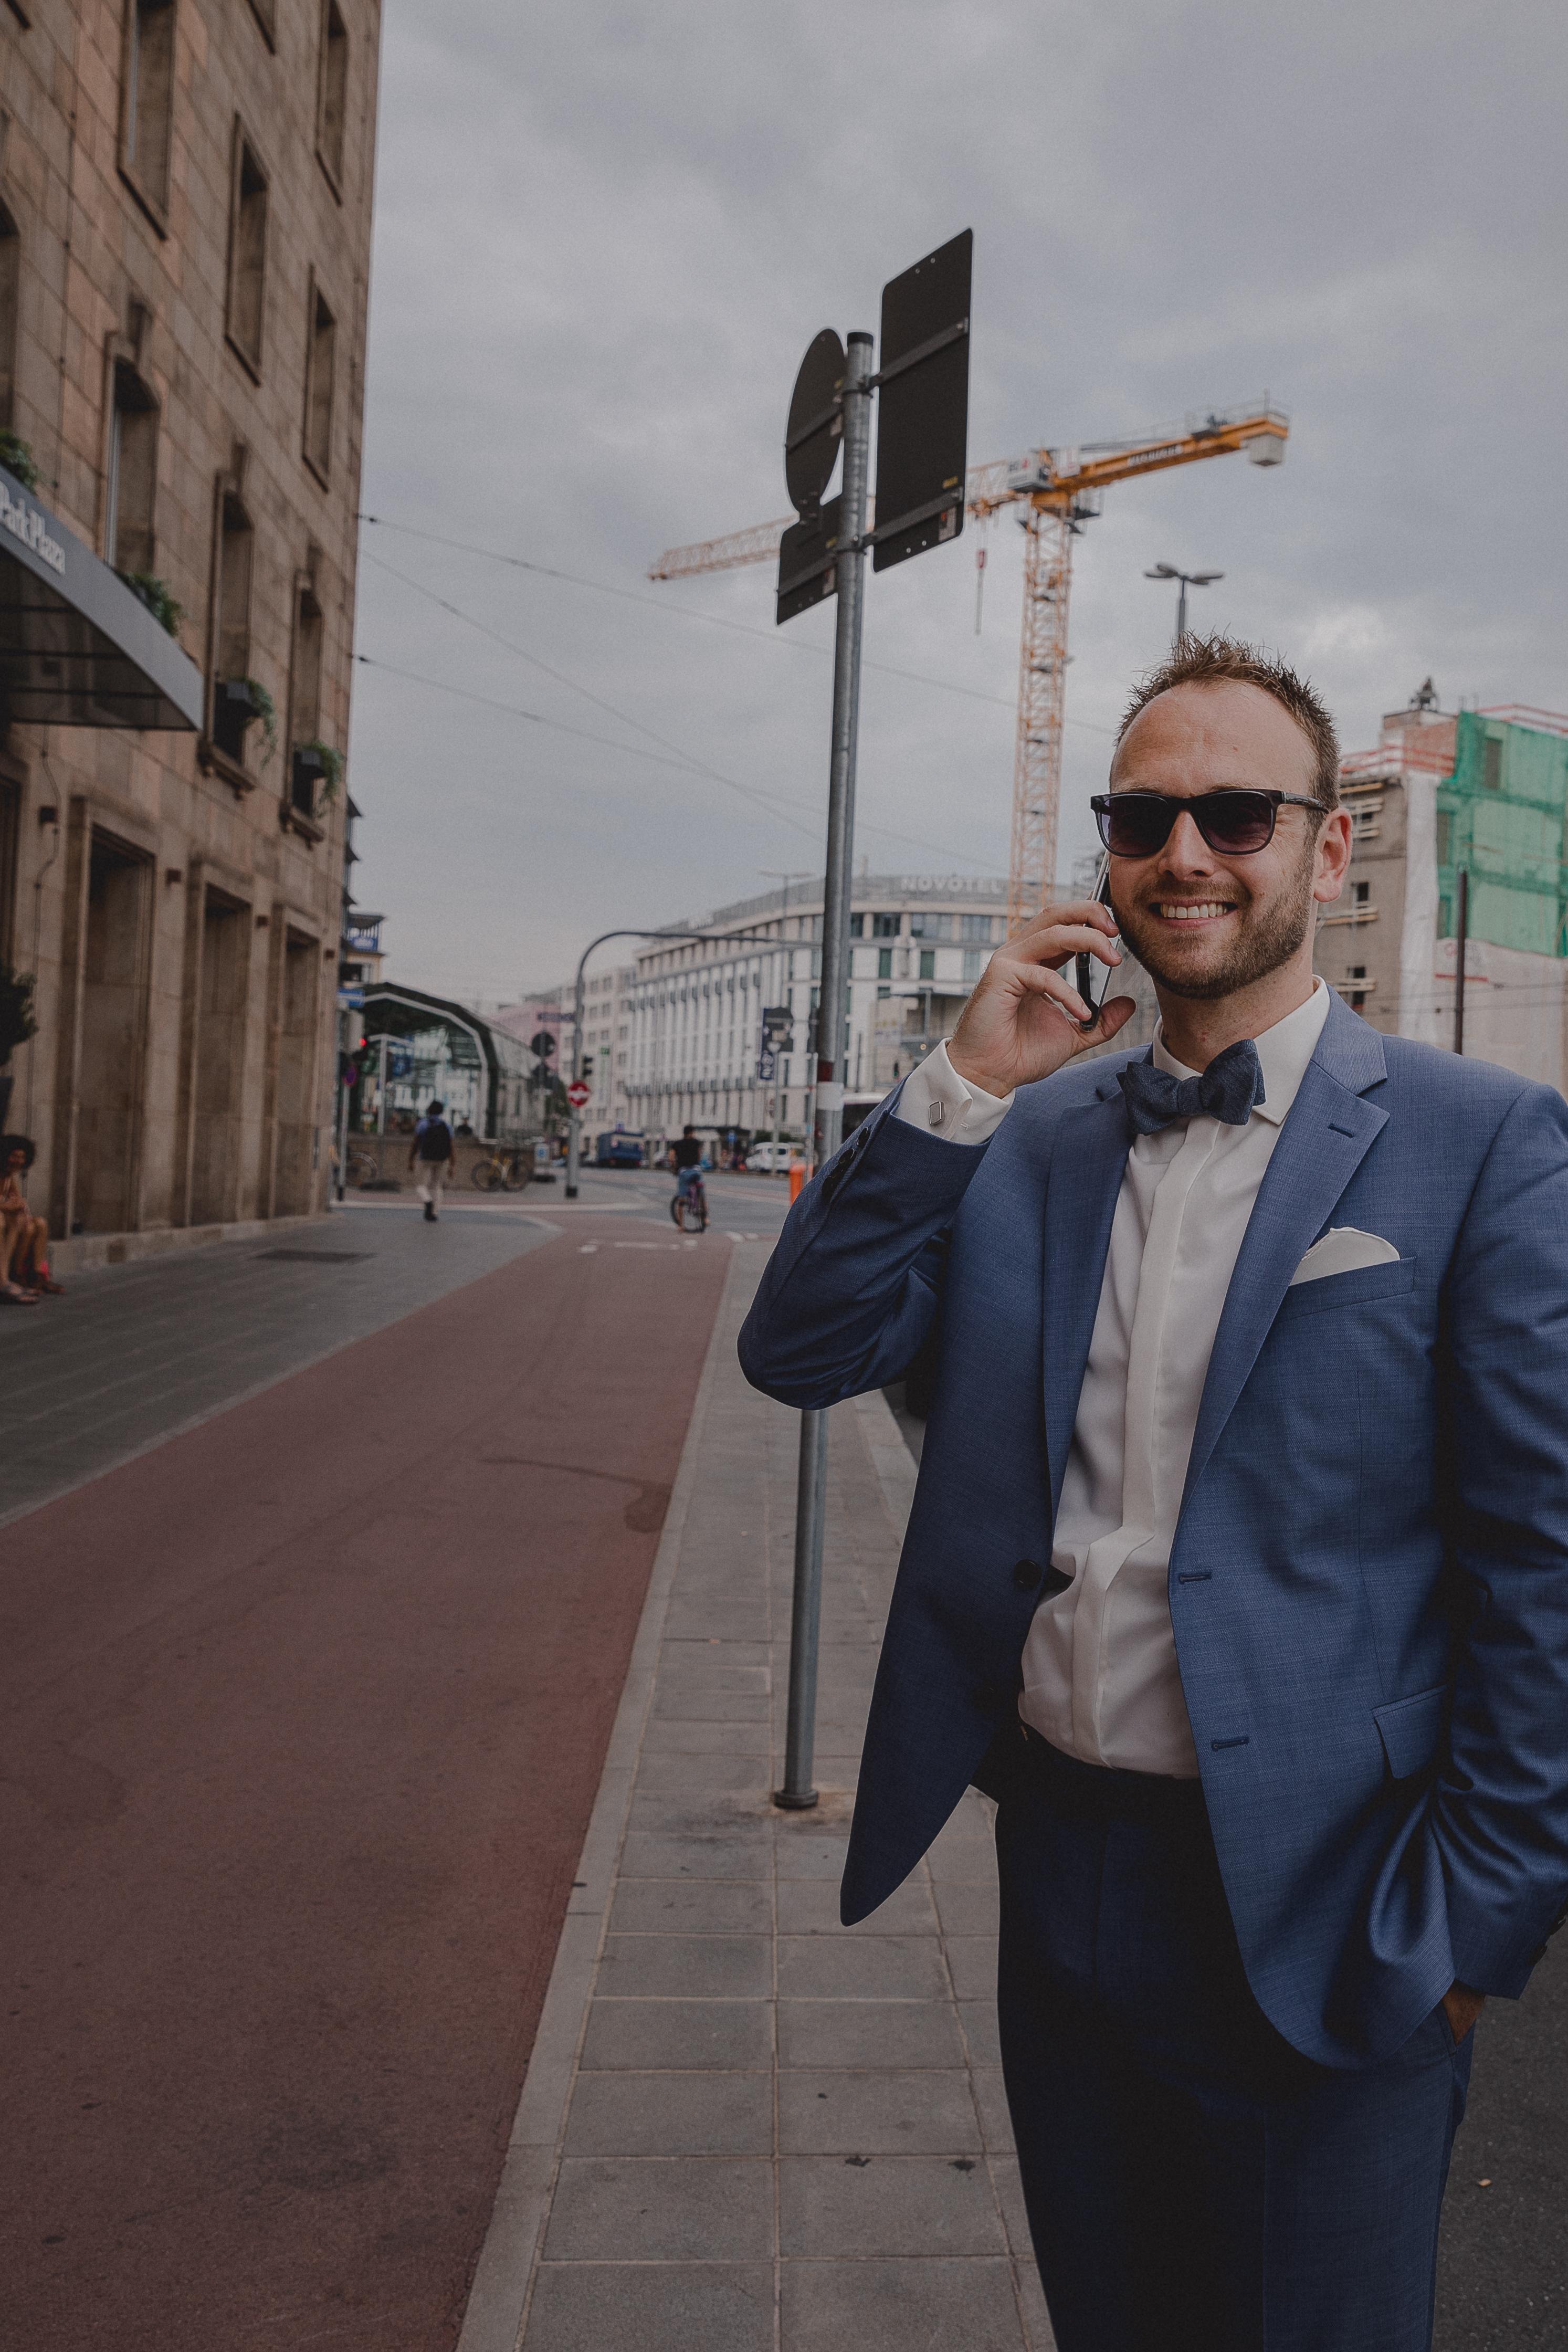 Hochzeitsfotograf-Nuernberg-Design-Offices-Urbanerie-Sabrina-und-Simon-004